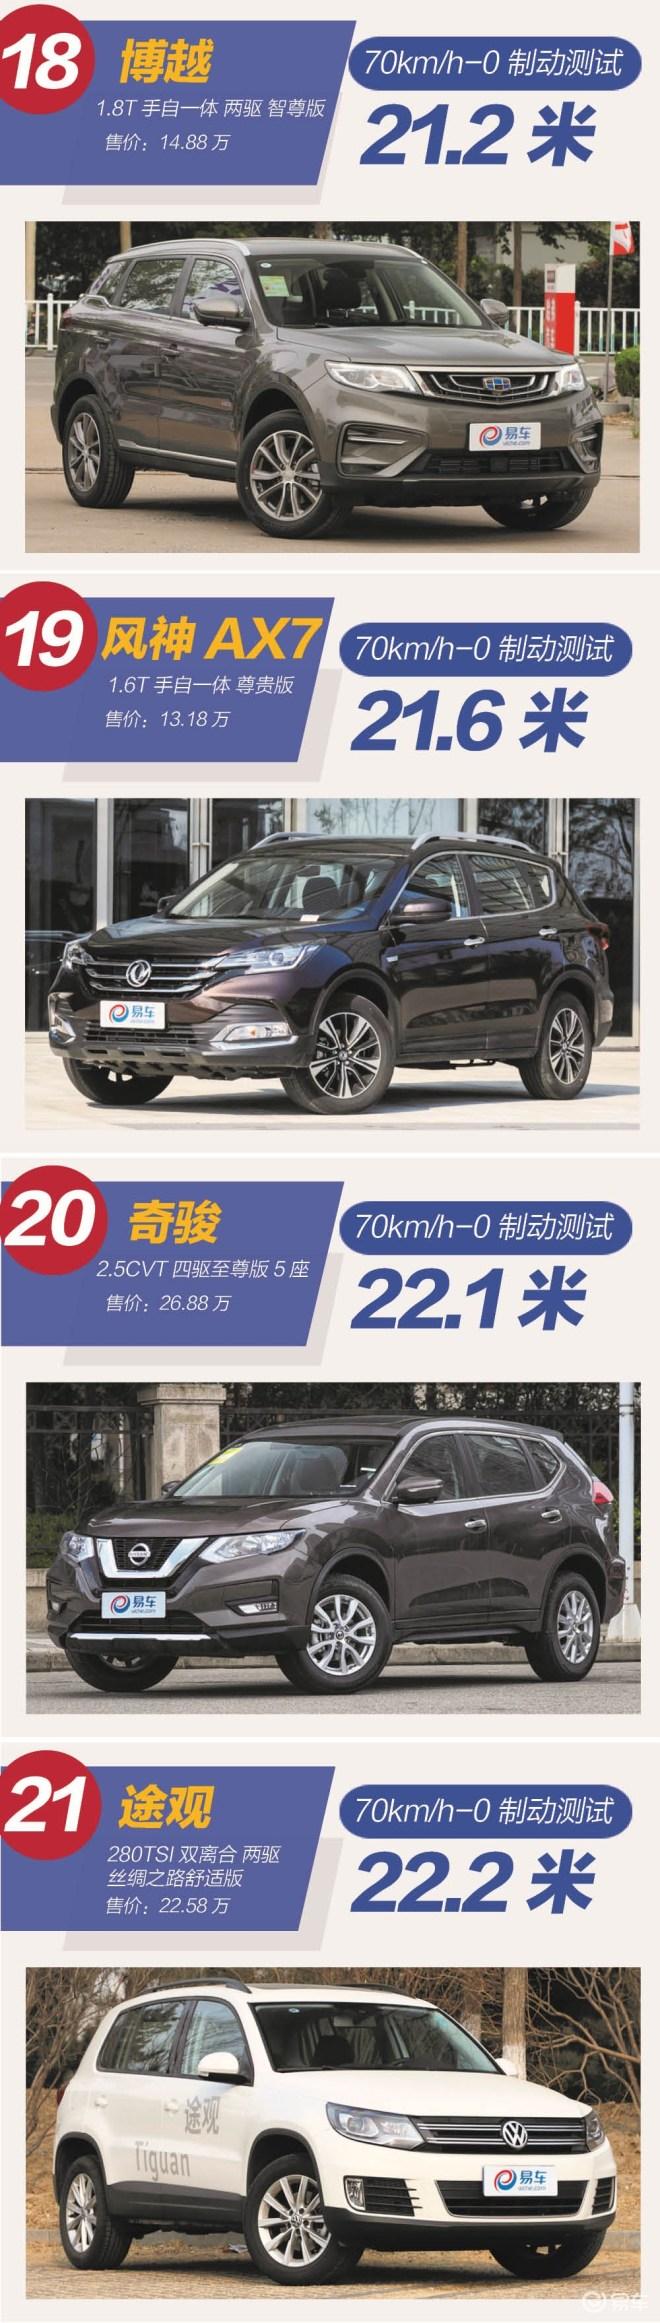 荣威RX5千万别小瞧国产SUV!紧凑级SUV制动排行榜